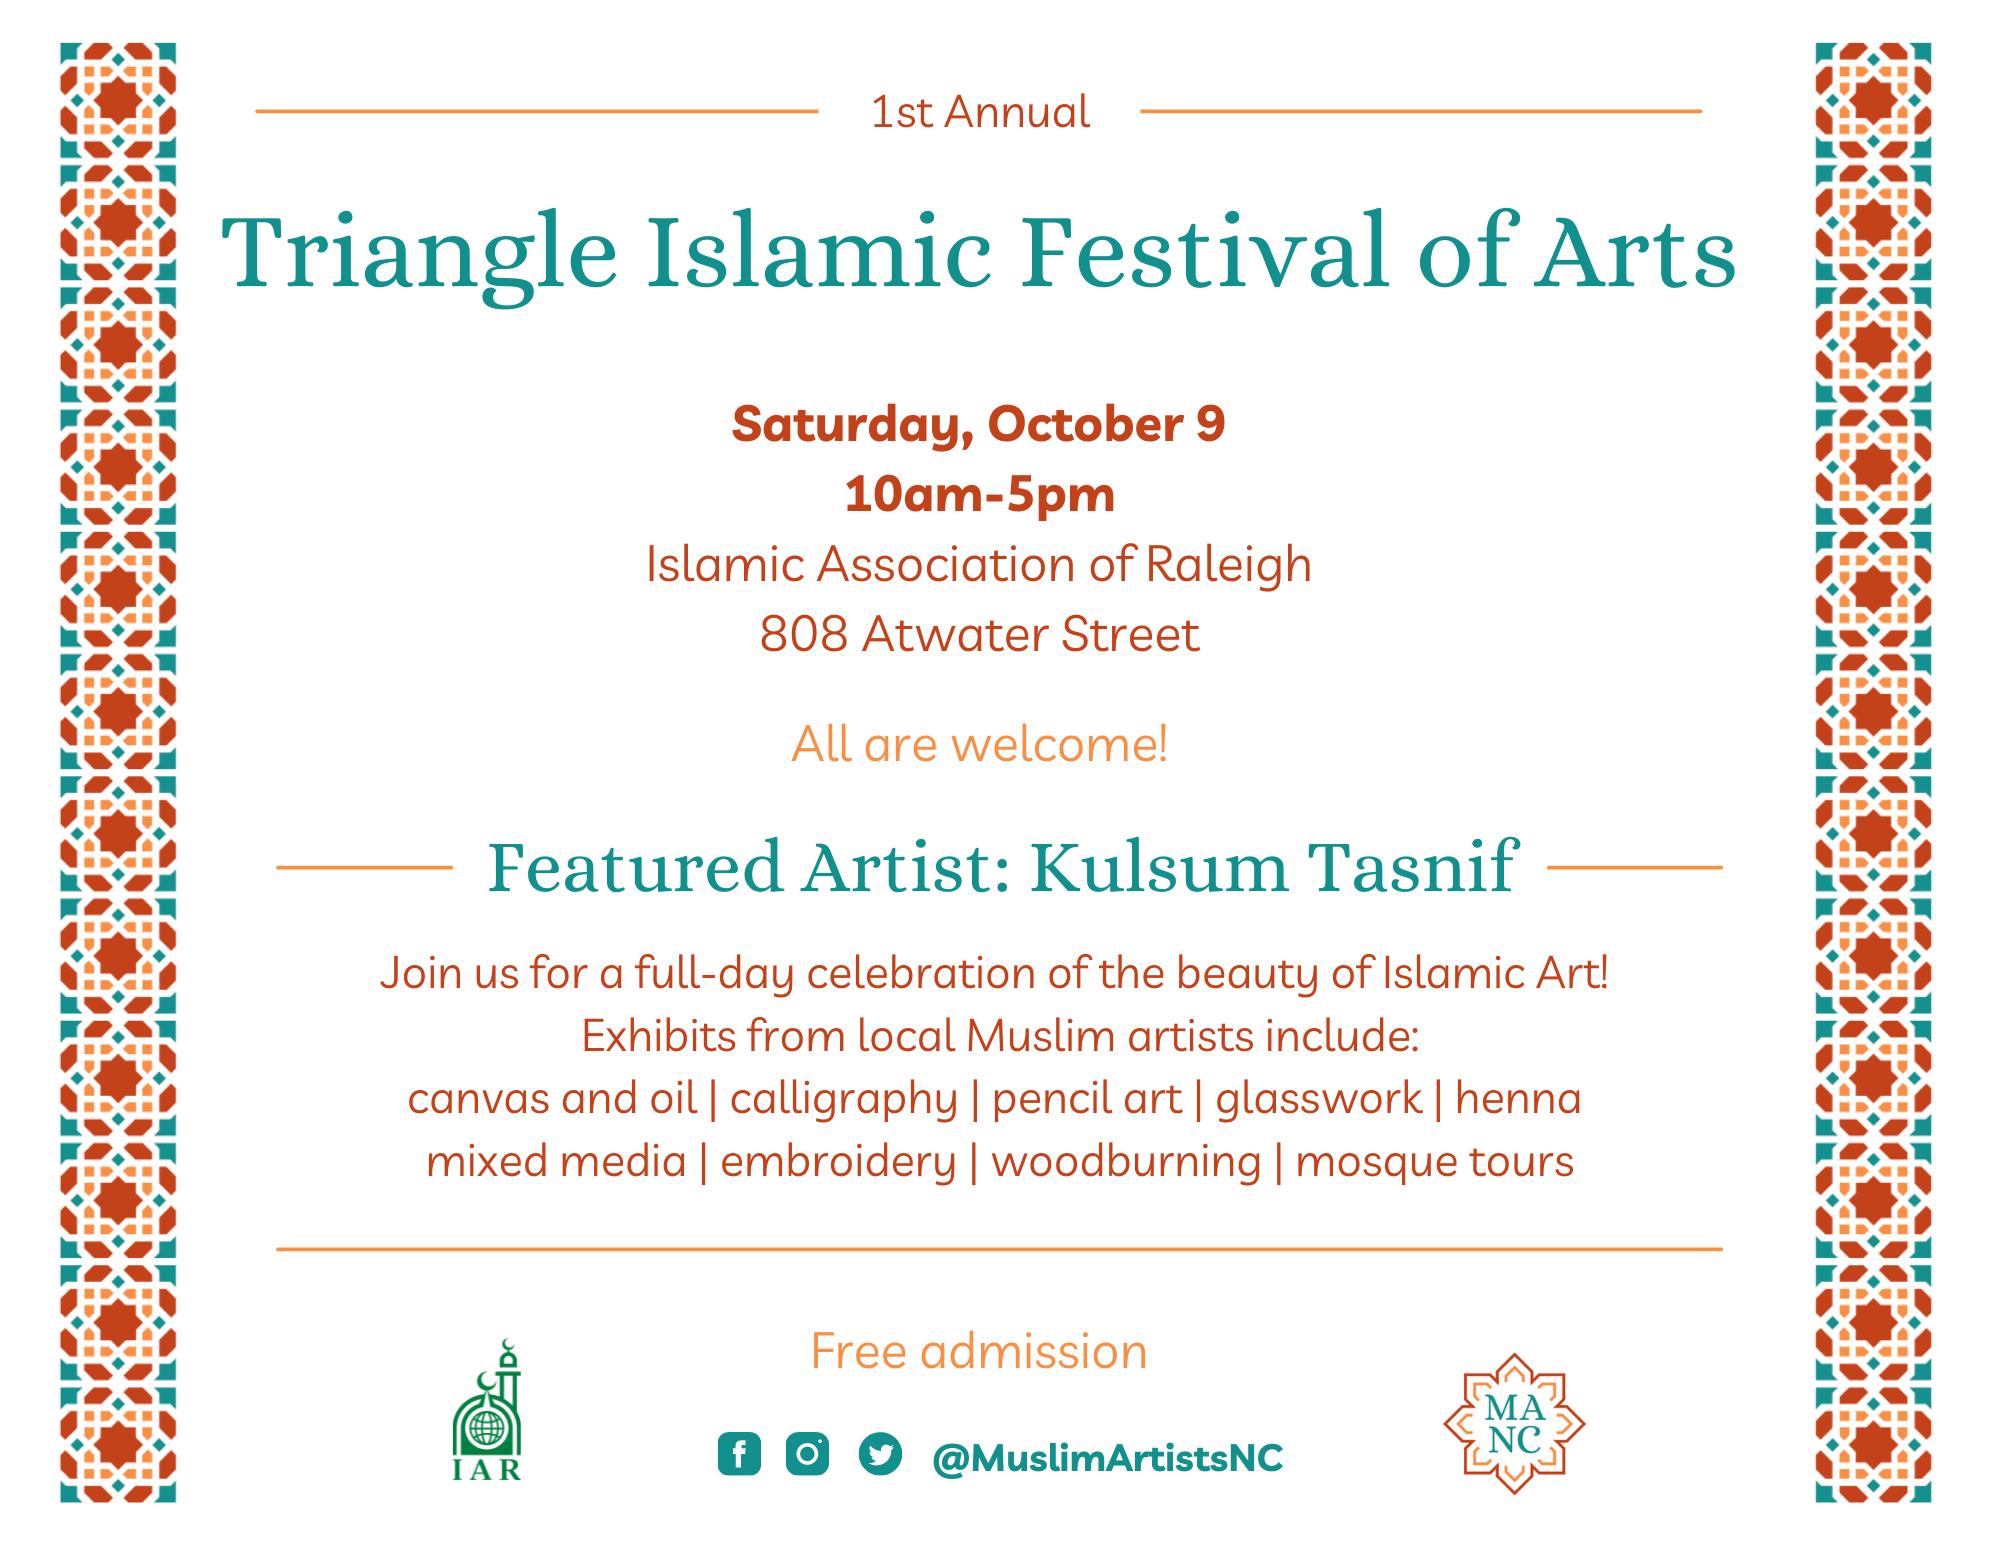 Triangle Islamic Festival of Arts